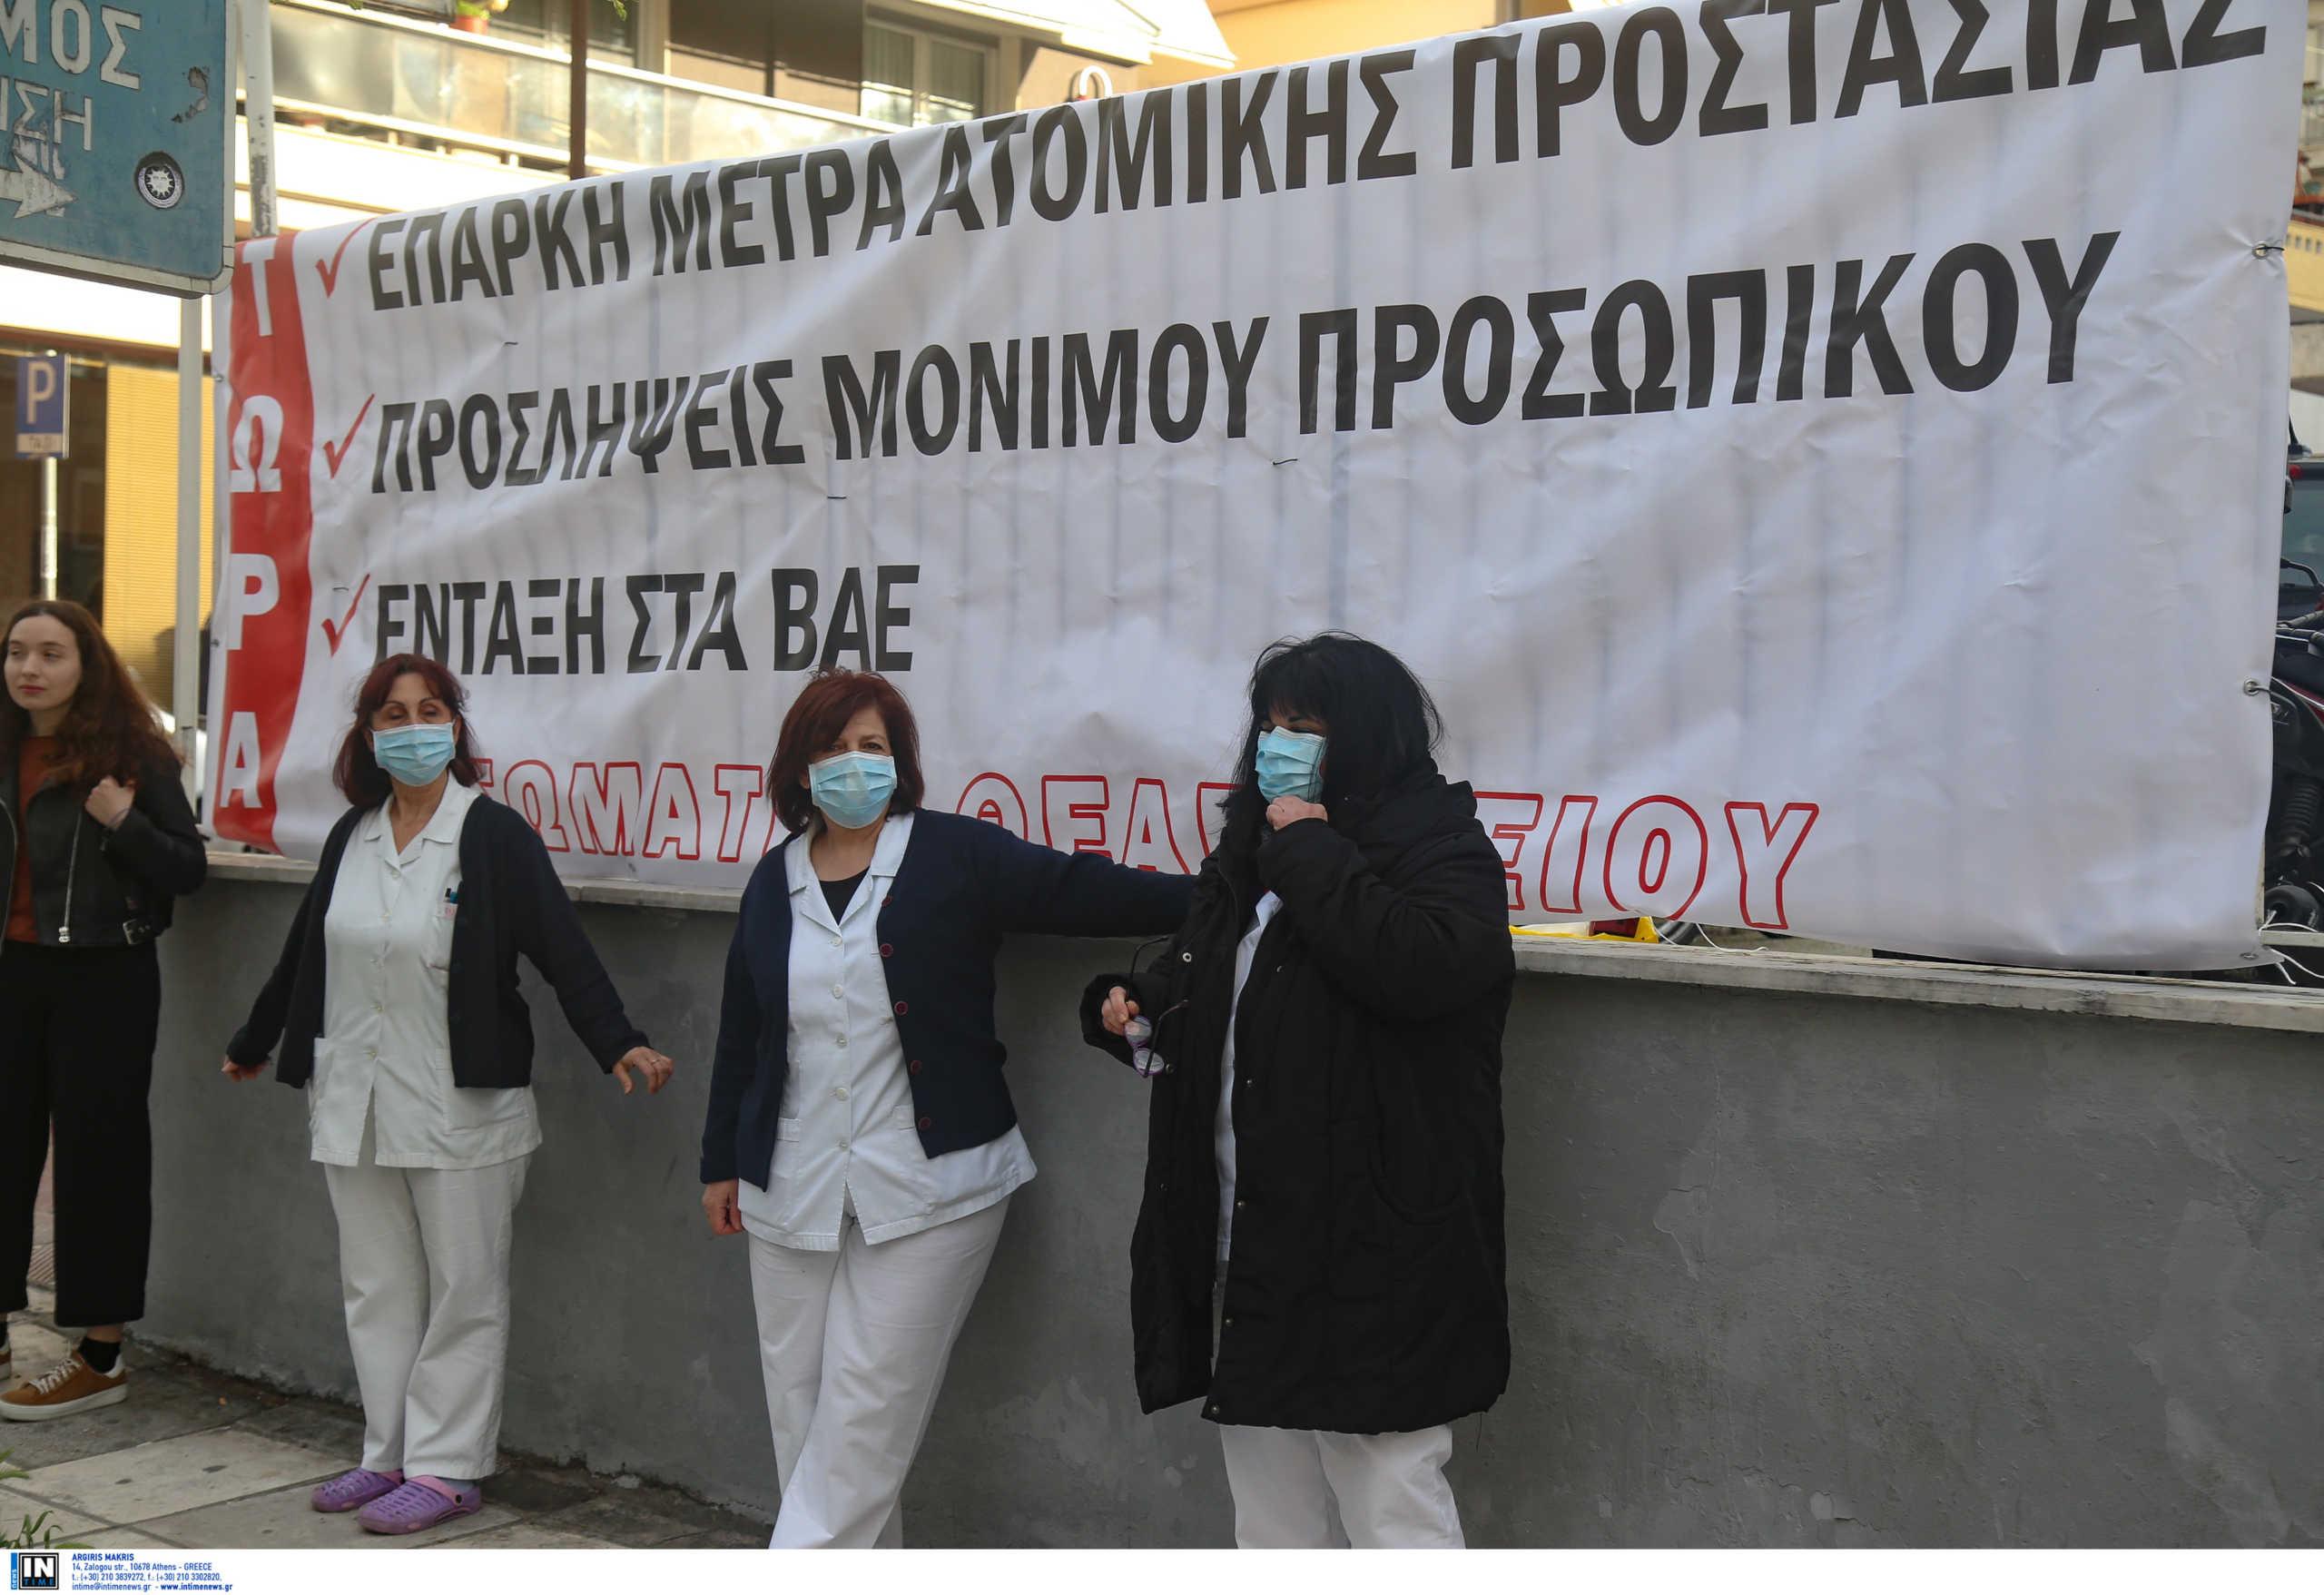 Τσίπρας για γιατρούς: «Χθες ήταν ήρωες και σήμερα τους έστειλαν την αστυνομία»